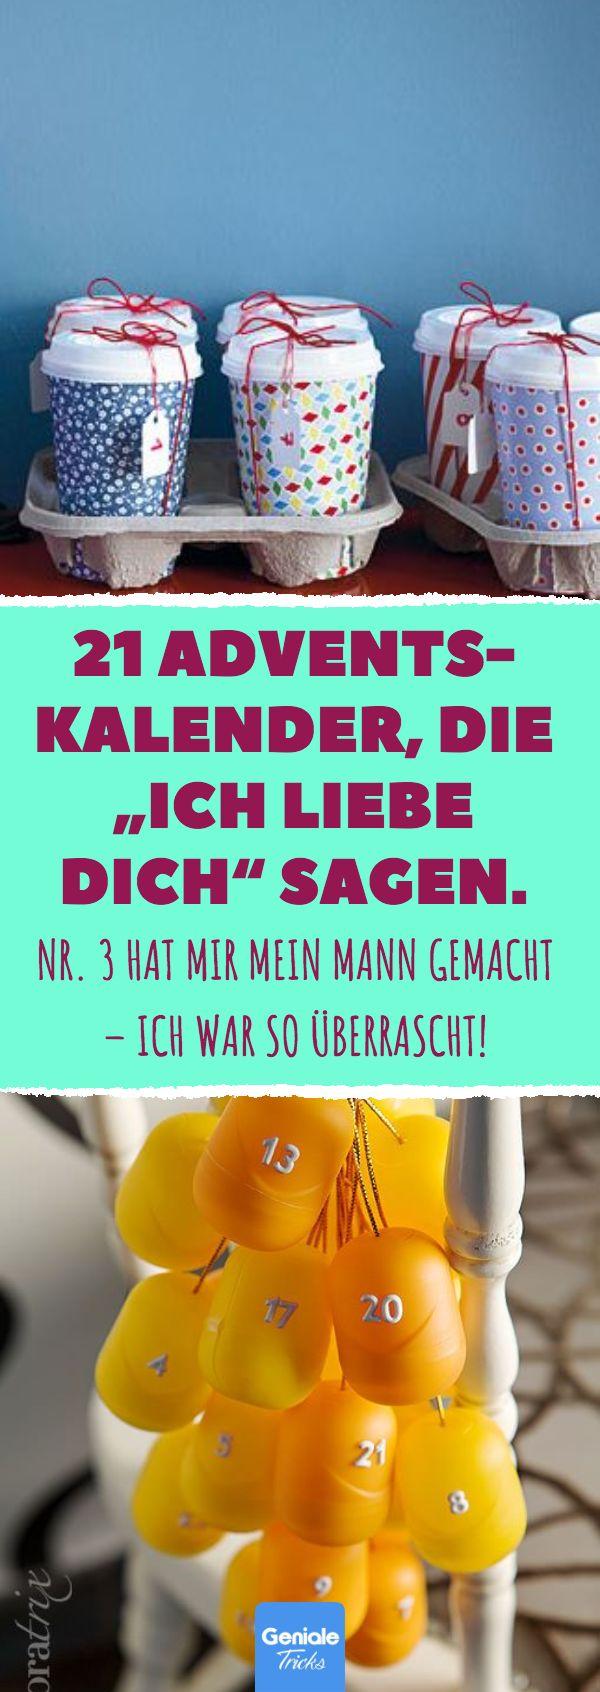 """21 Adventskalender, die """"Ich liebe dich"""" sagen. Geschenkideen für den Freun…"""